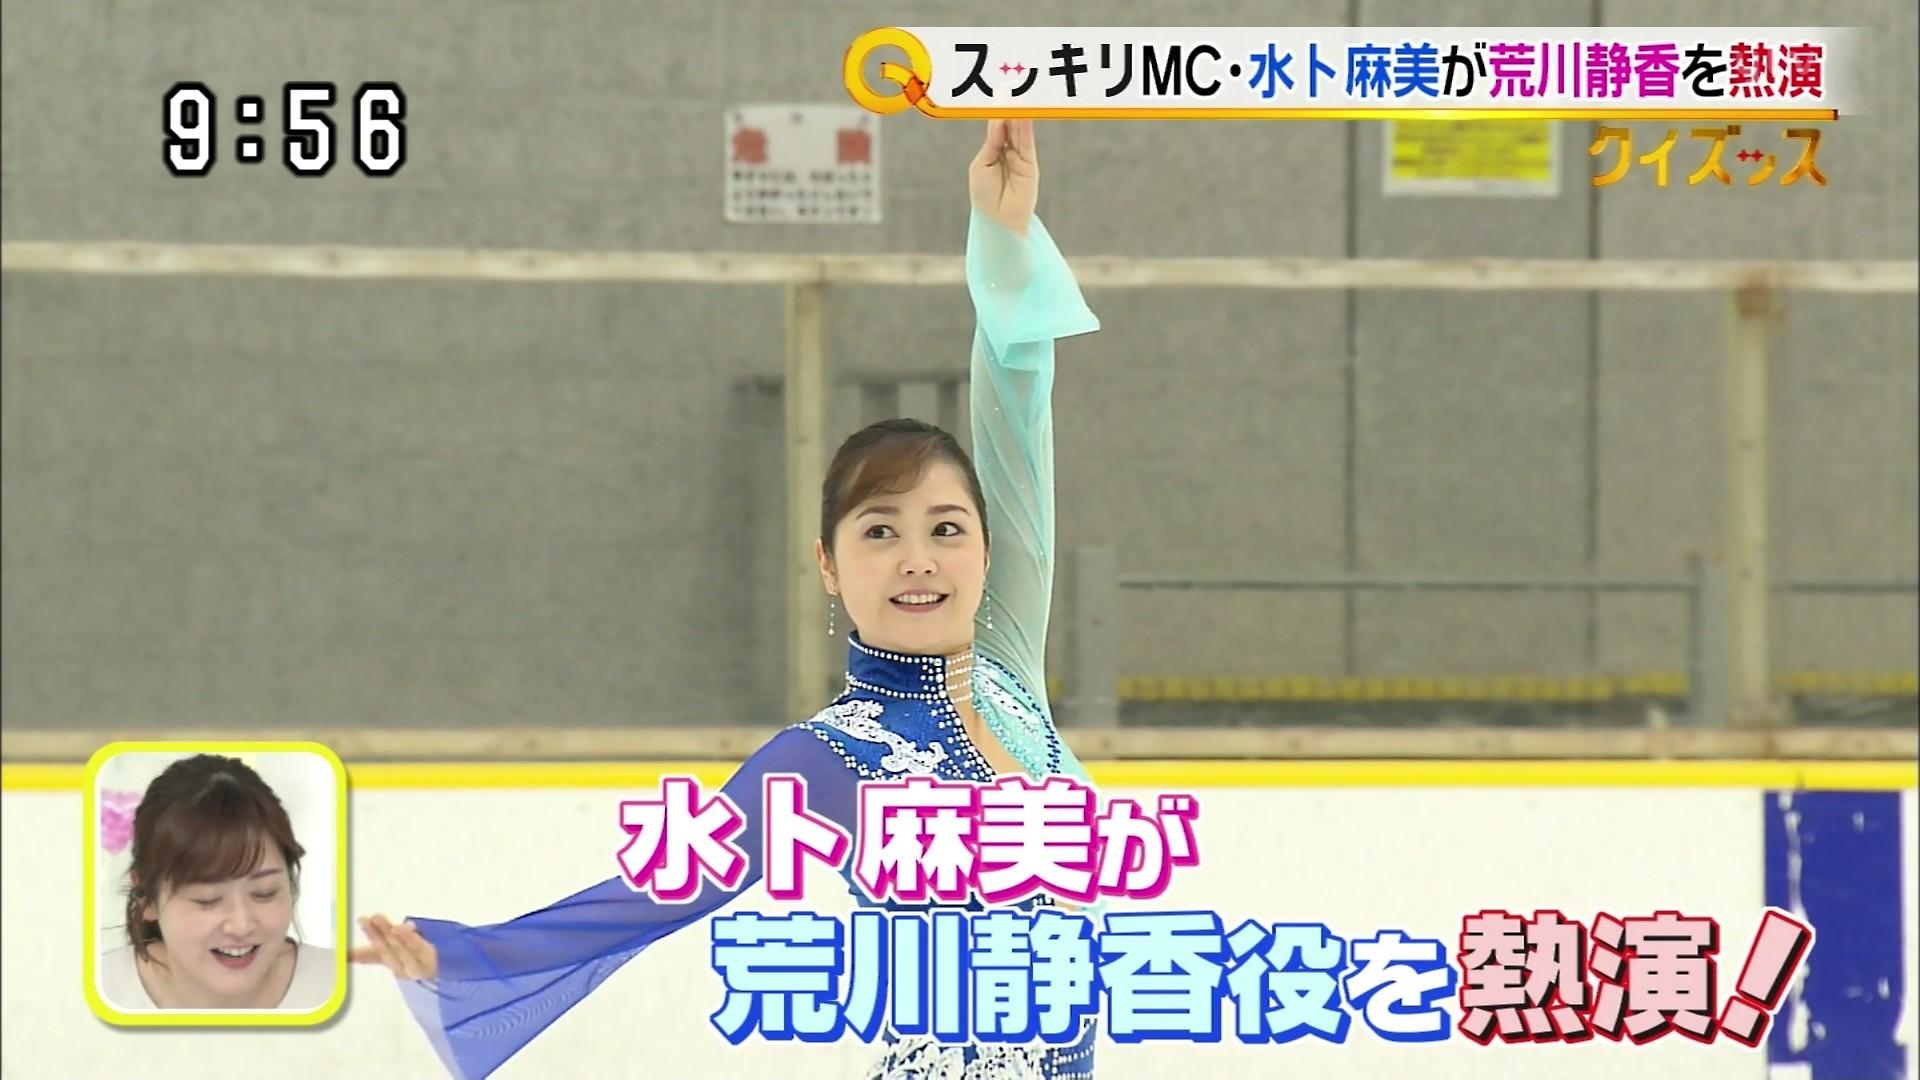 2019年2月11日・日本テレビ「スッキリ」水卜麻美さんのテレビキャプチャー画像-010